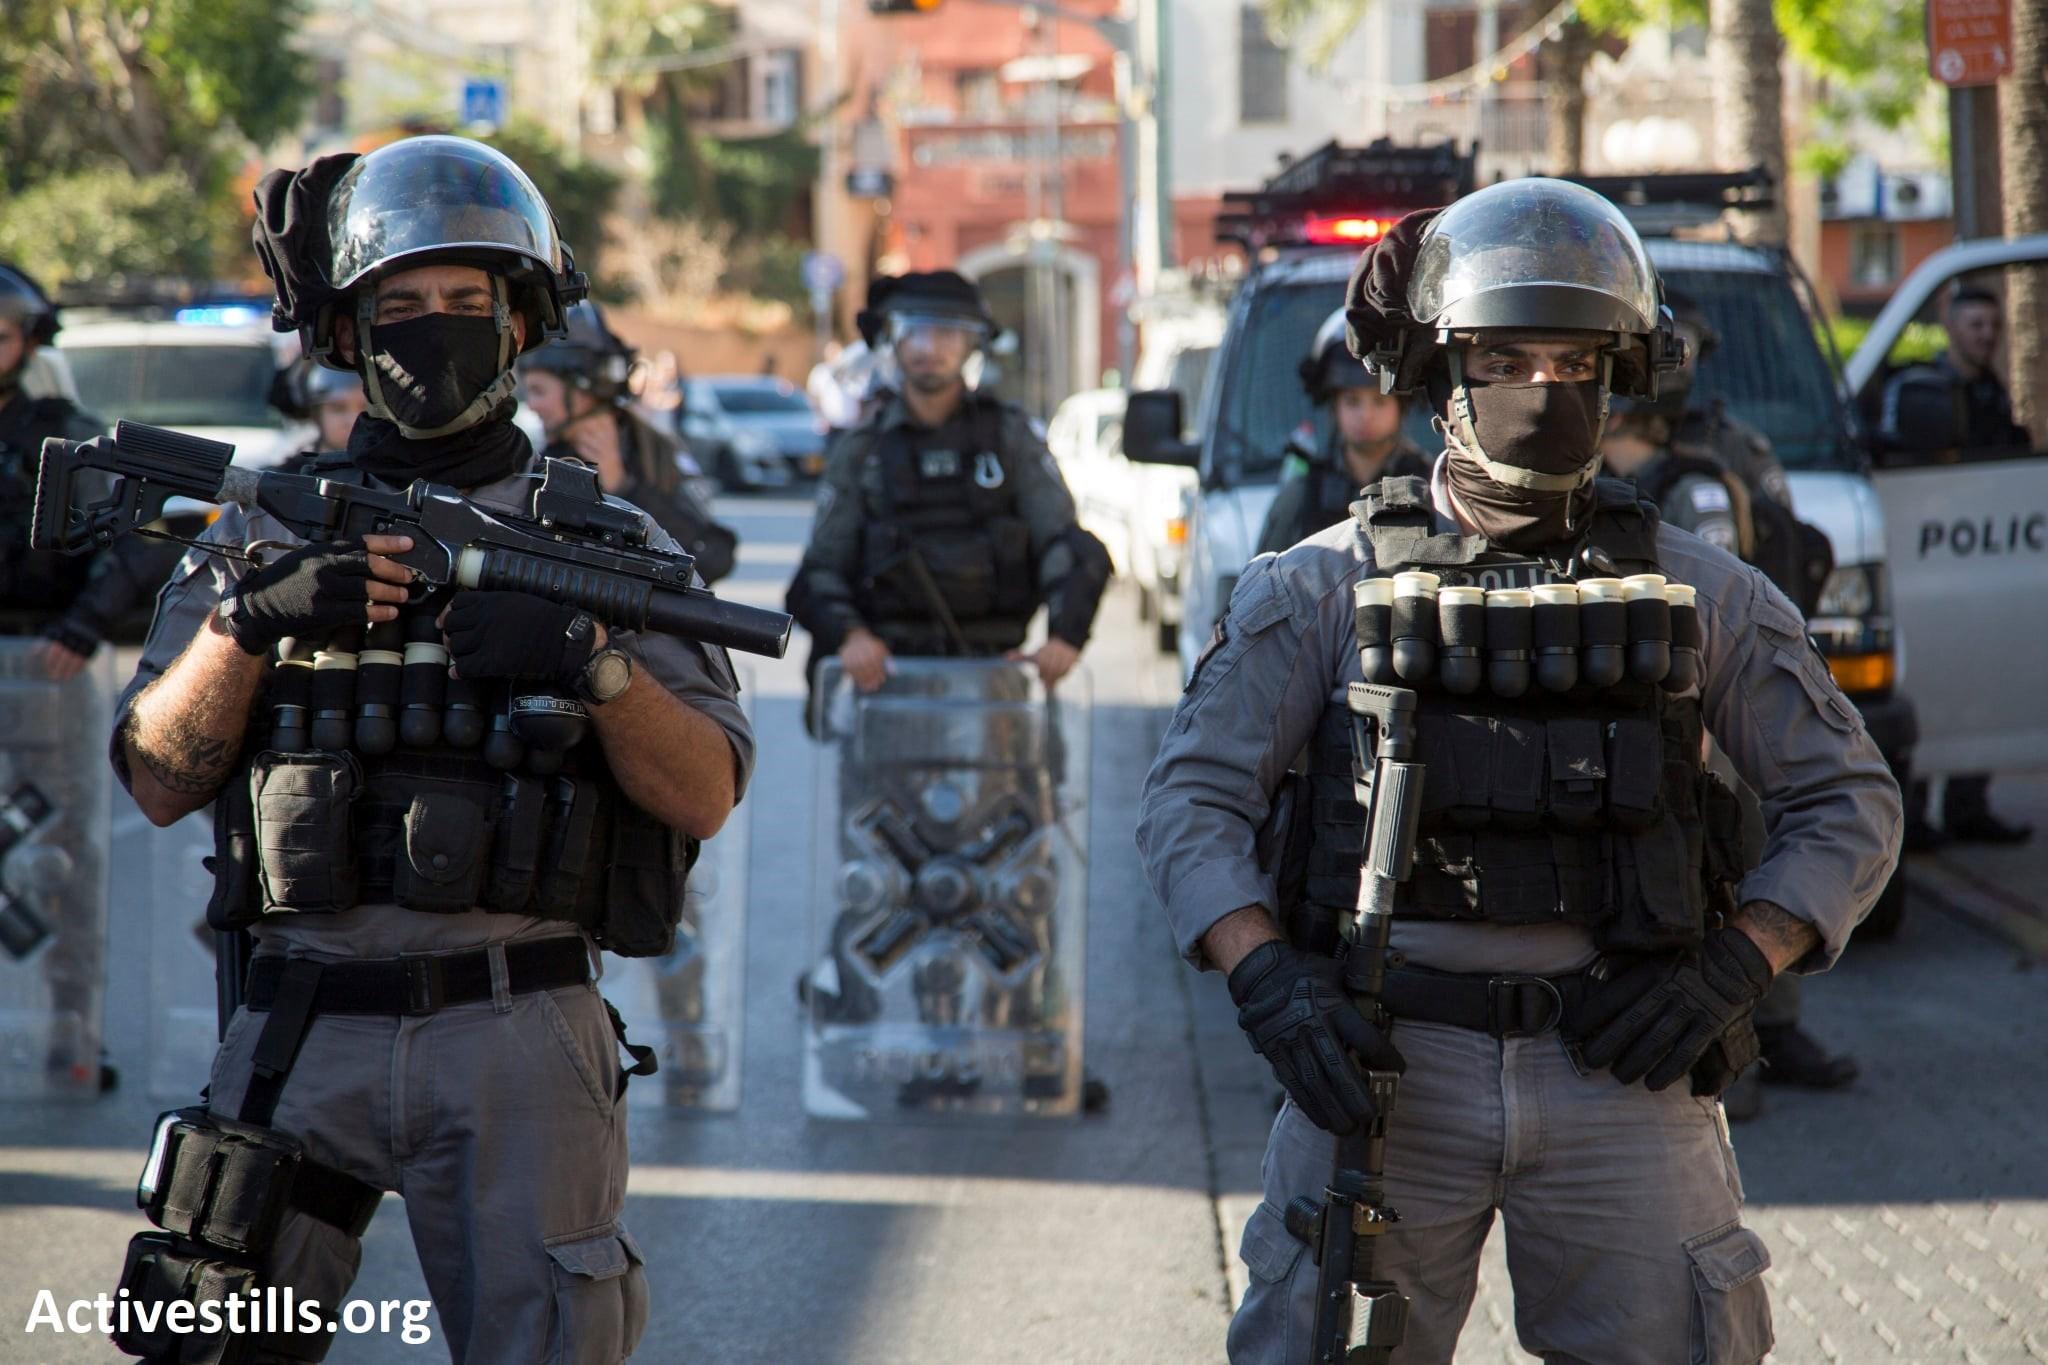 מתנהלים כמו מבצע צבאי: עדאלה דורש להפסיק את המעצרים ההמוניים ביישובים הערביים